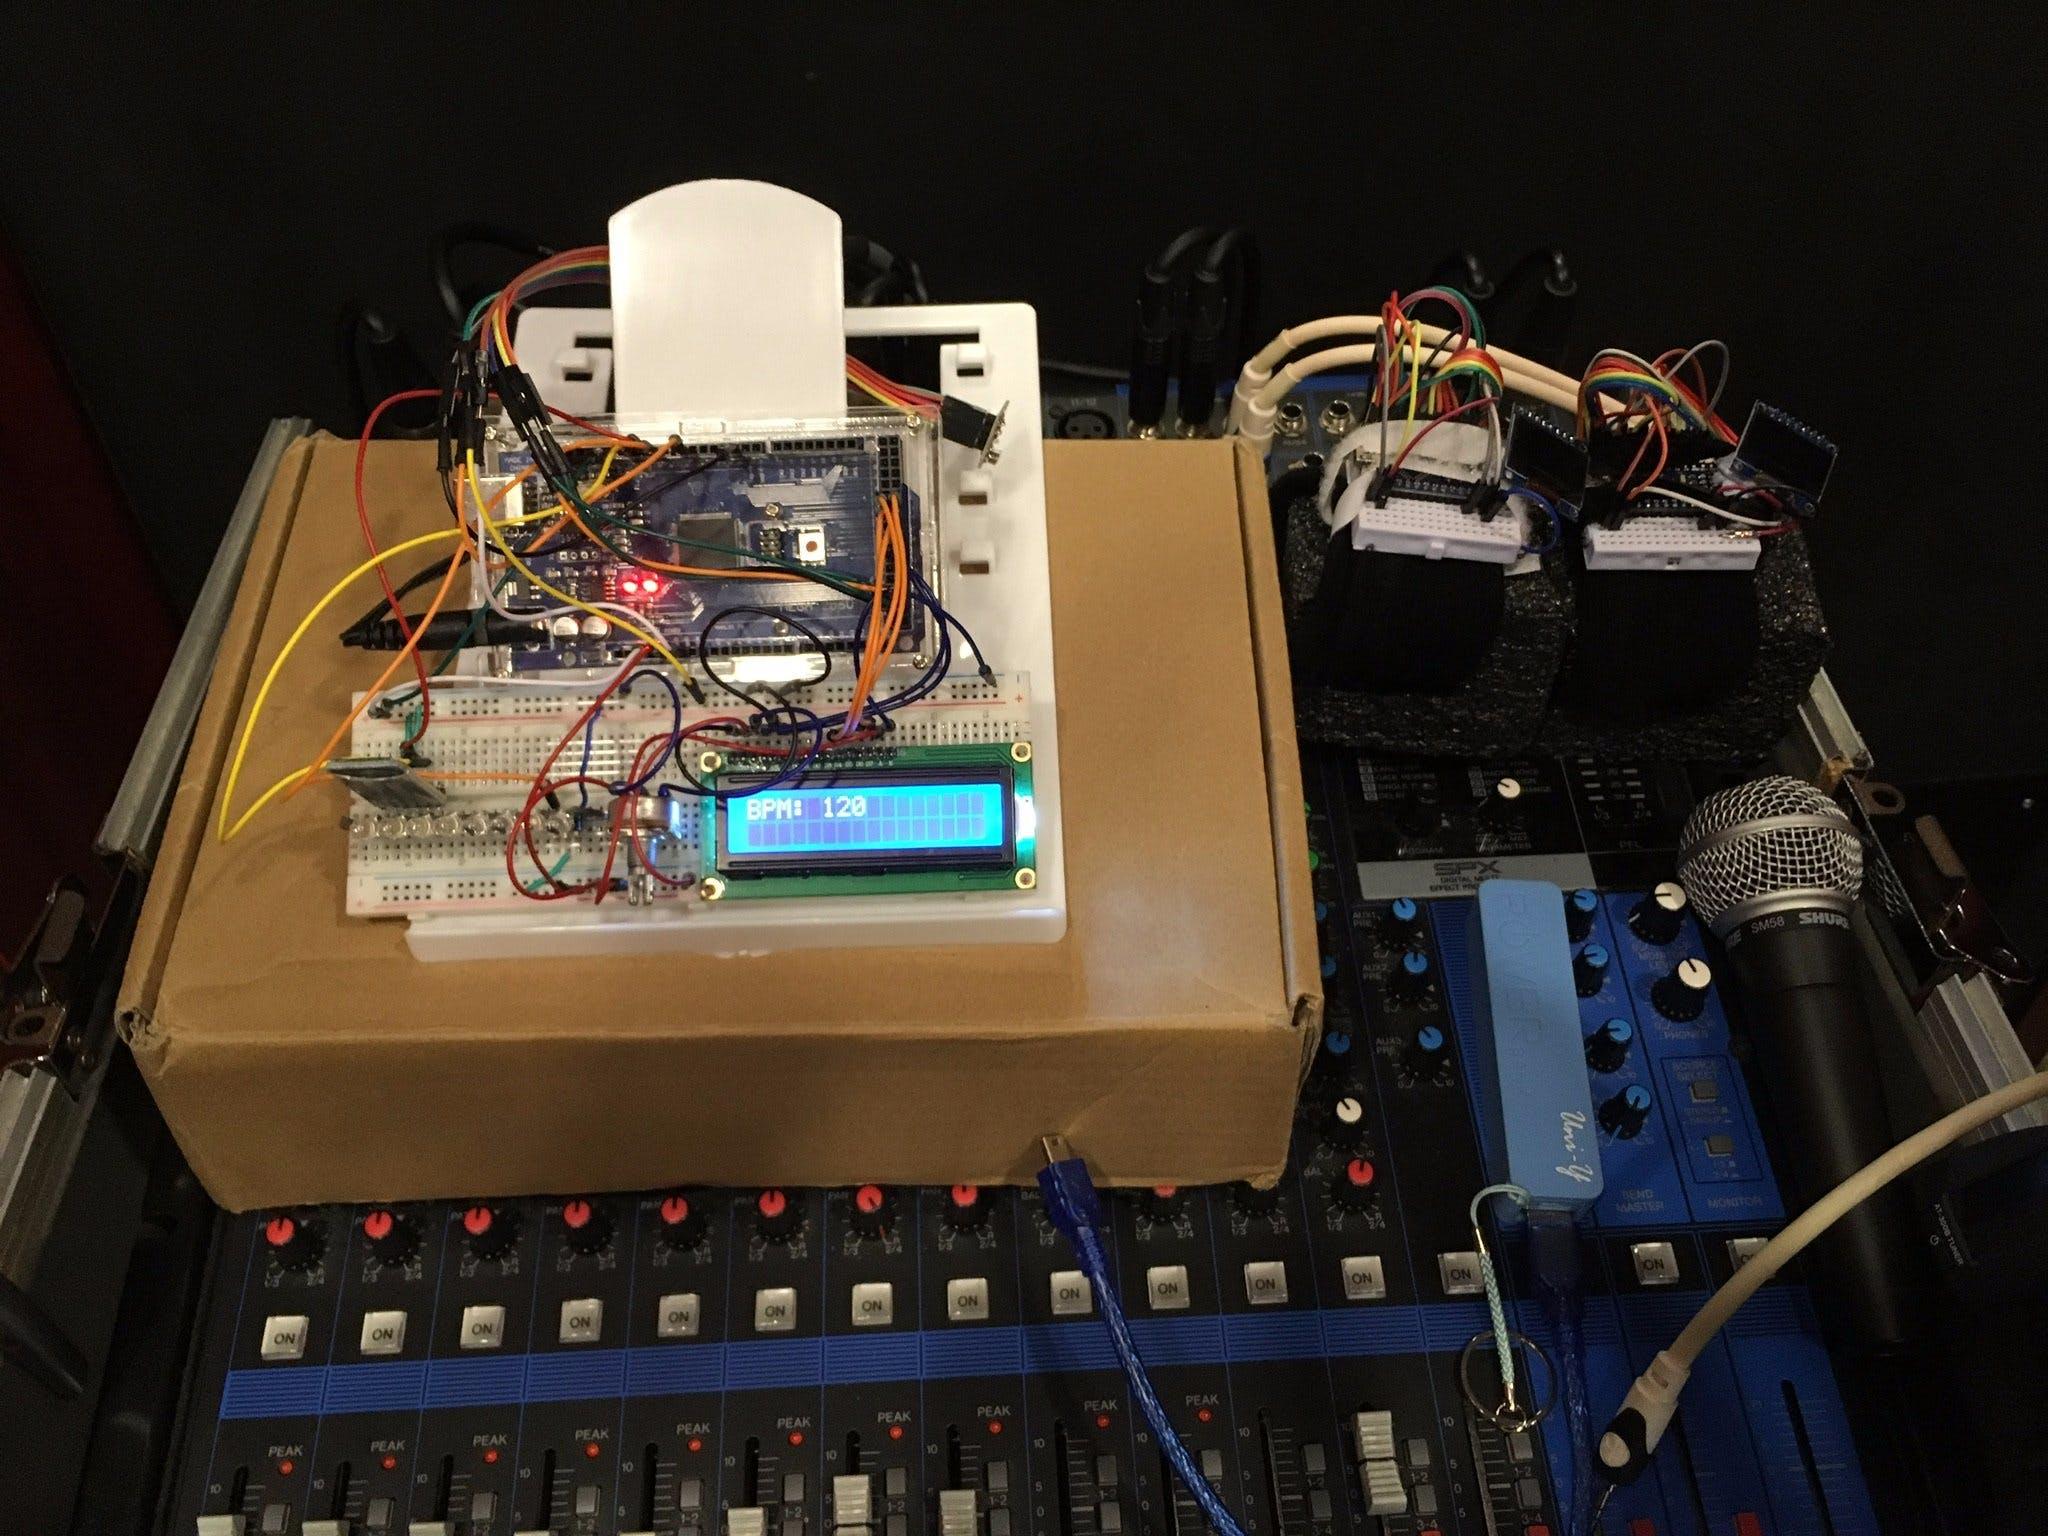 The Arduino PWM: Portable Wireless Metronome